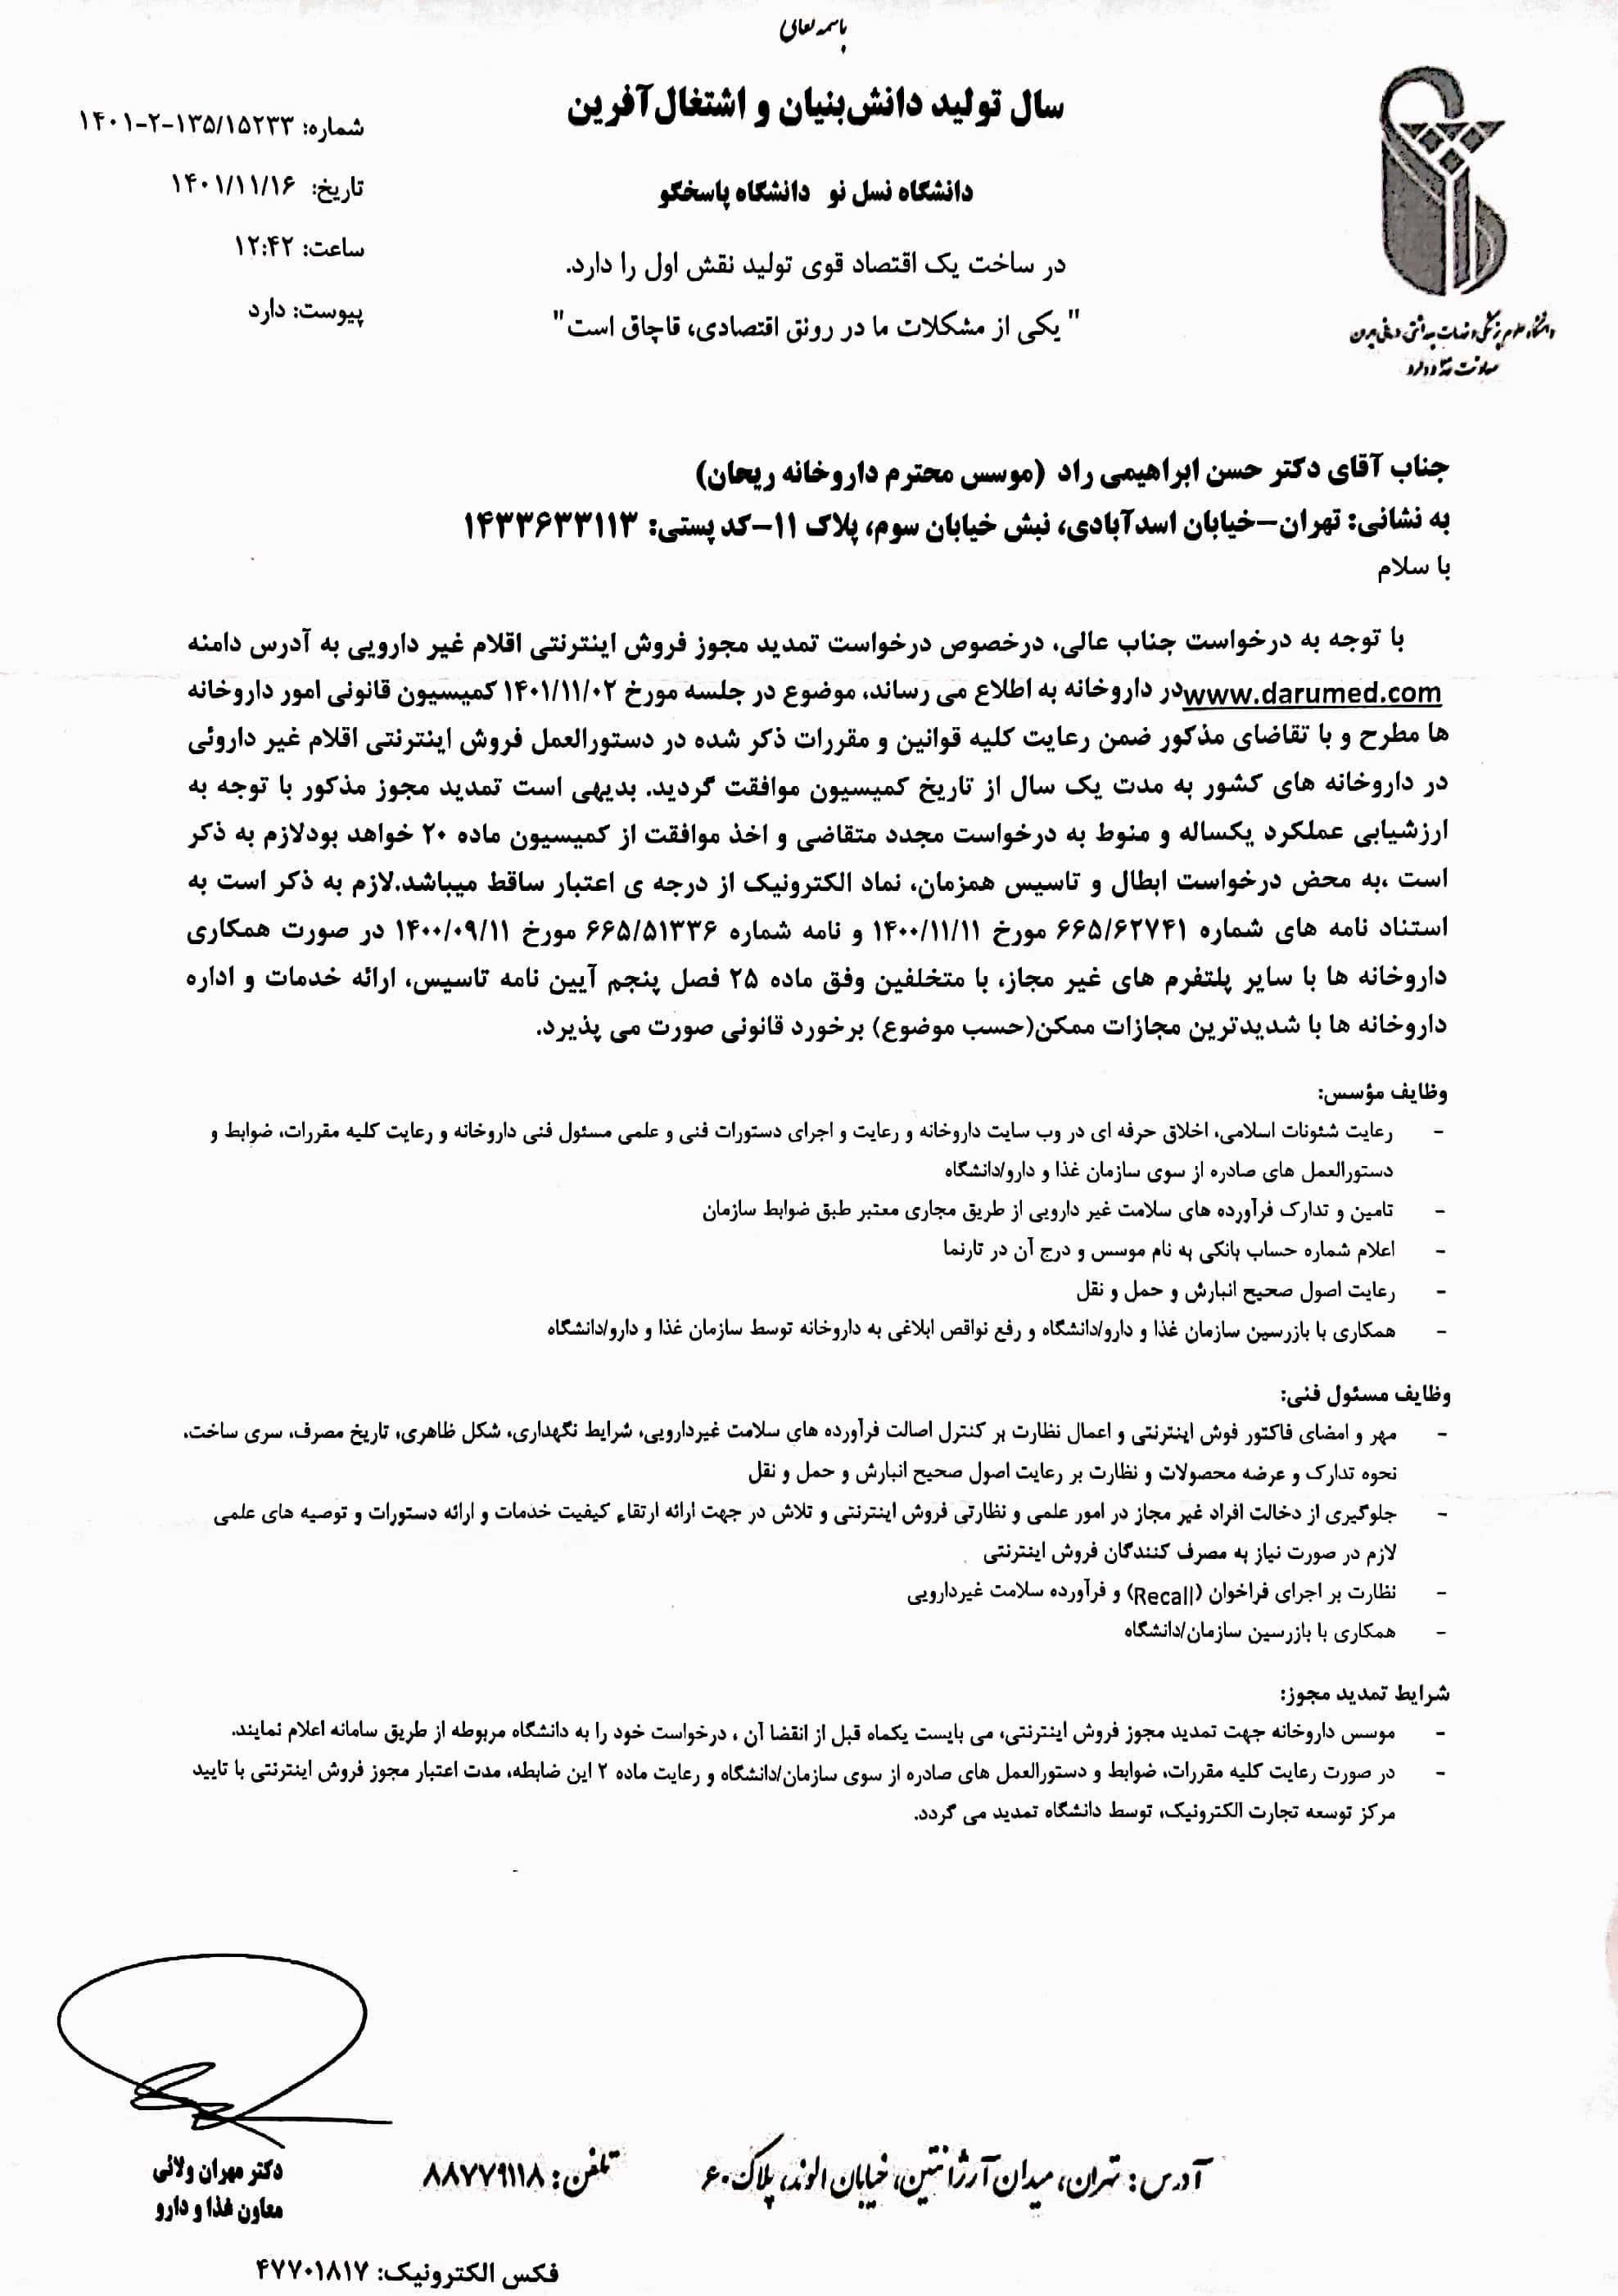 مجوز فروش ایترنتی محصولات غیردارویی از دانشگاه علوم پزشکی ایران